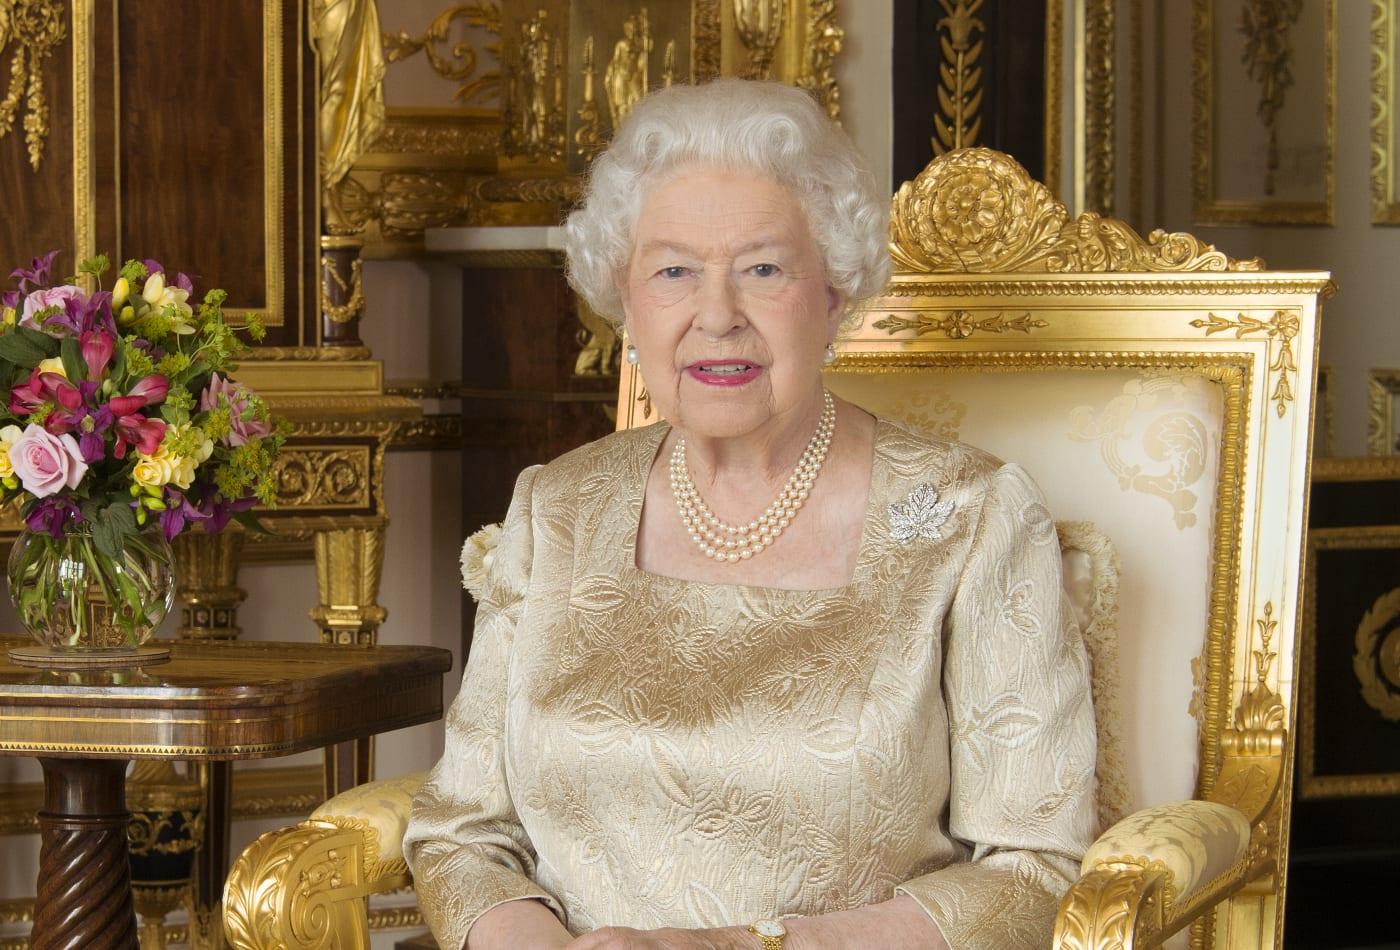 Kraliçe Elizabeth'in yıllık kazancı